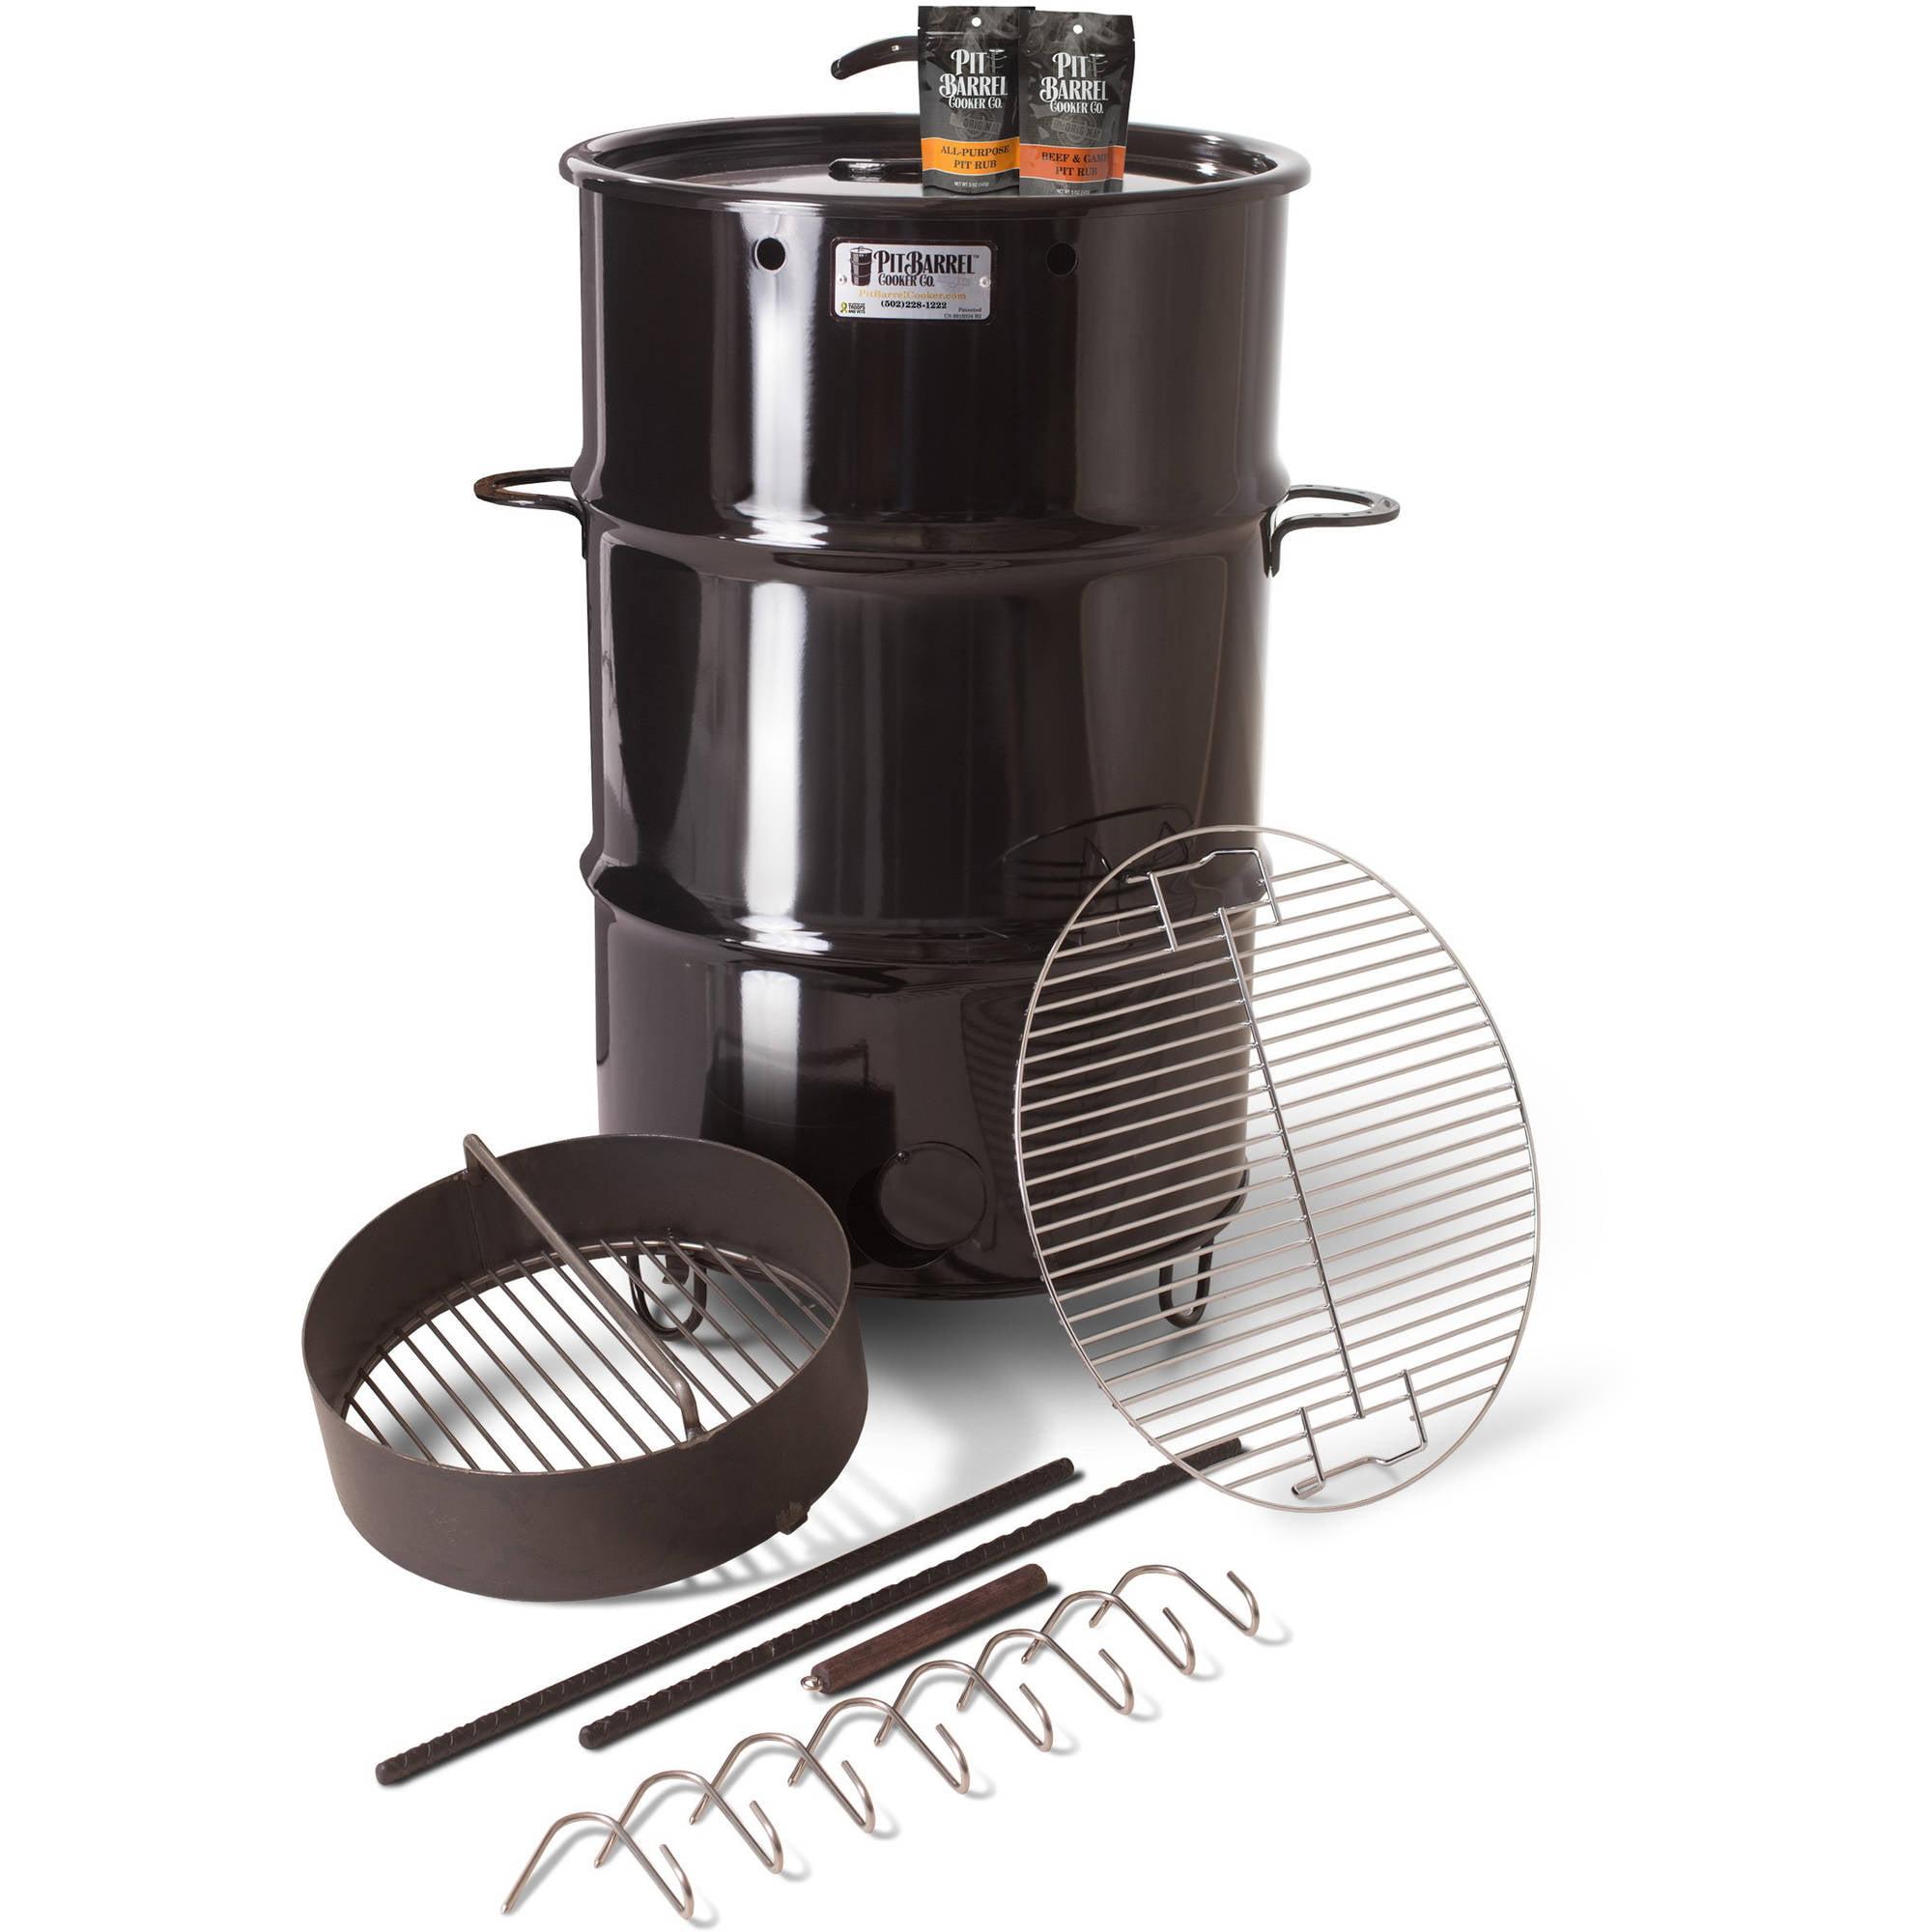 Pit Barrel Cooker, Black